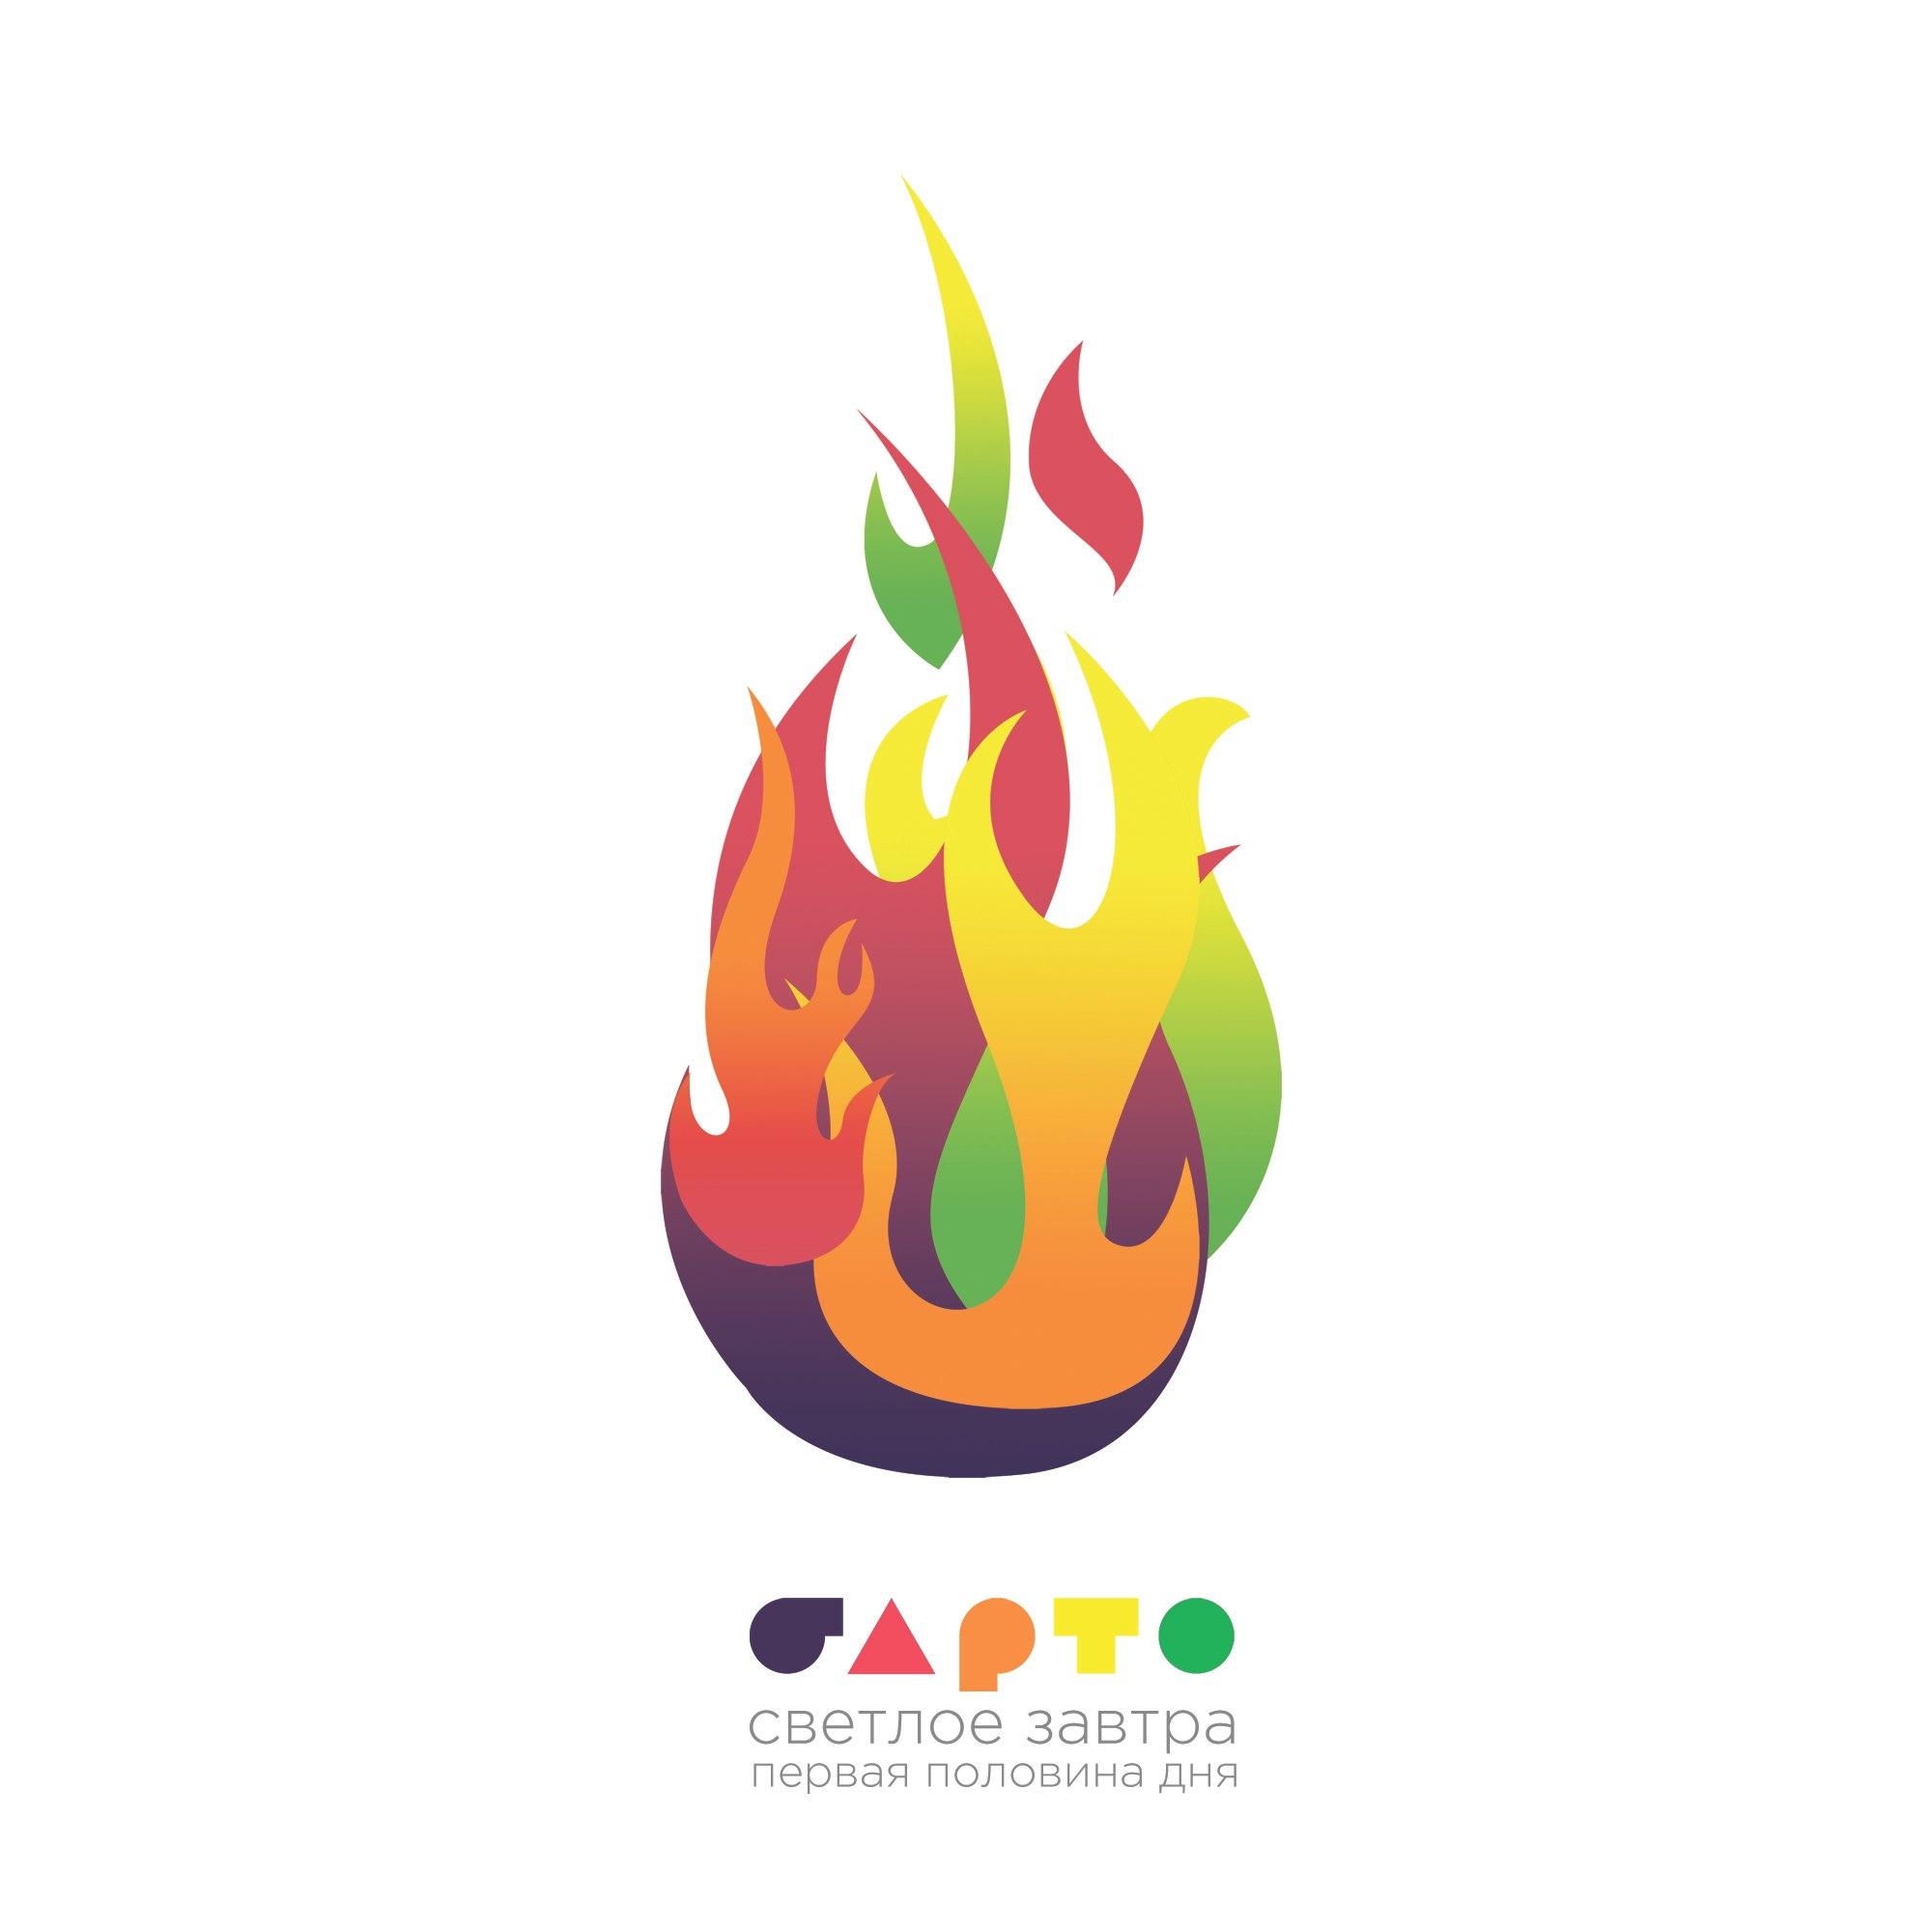 Первая часть нового альбома Барто — Светлое завтра: